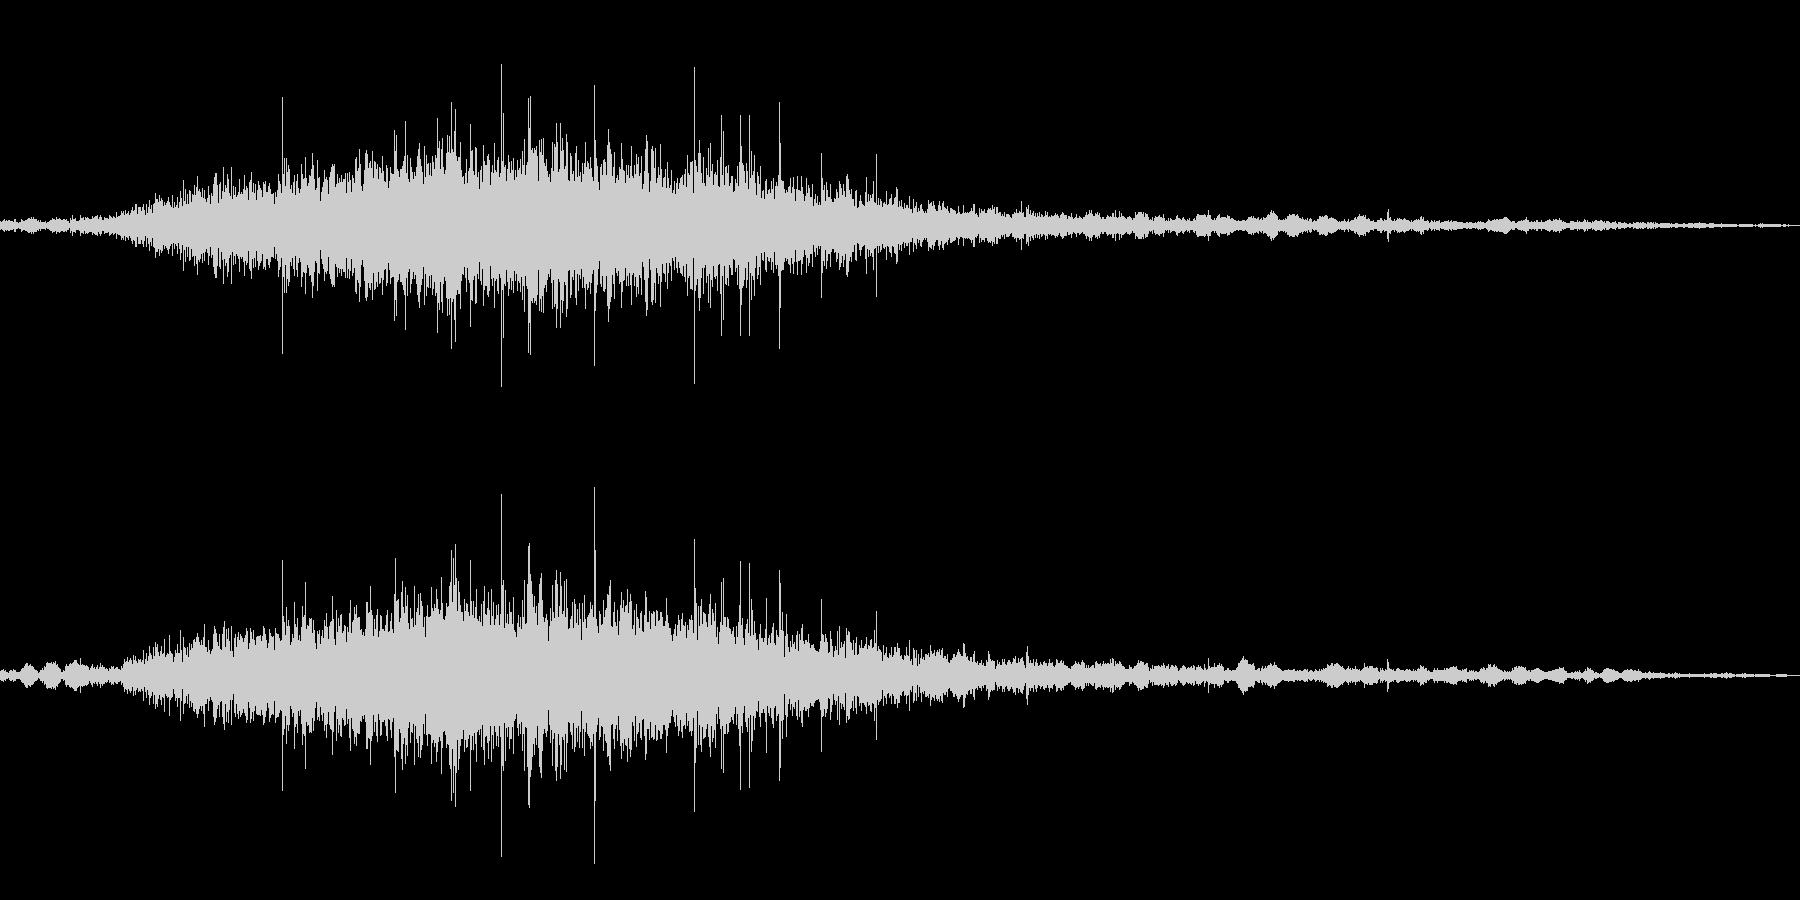 ザザザ…茂みから何か現る音の未再生の波形